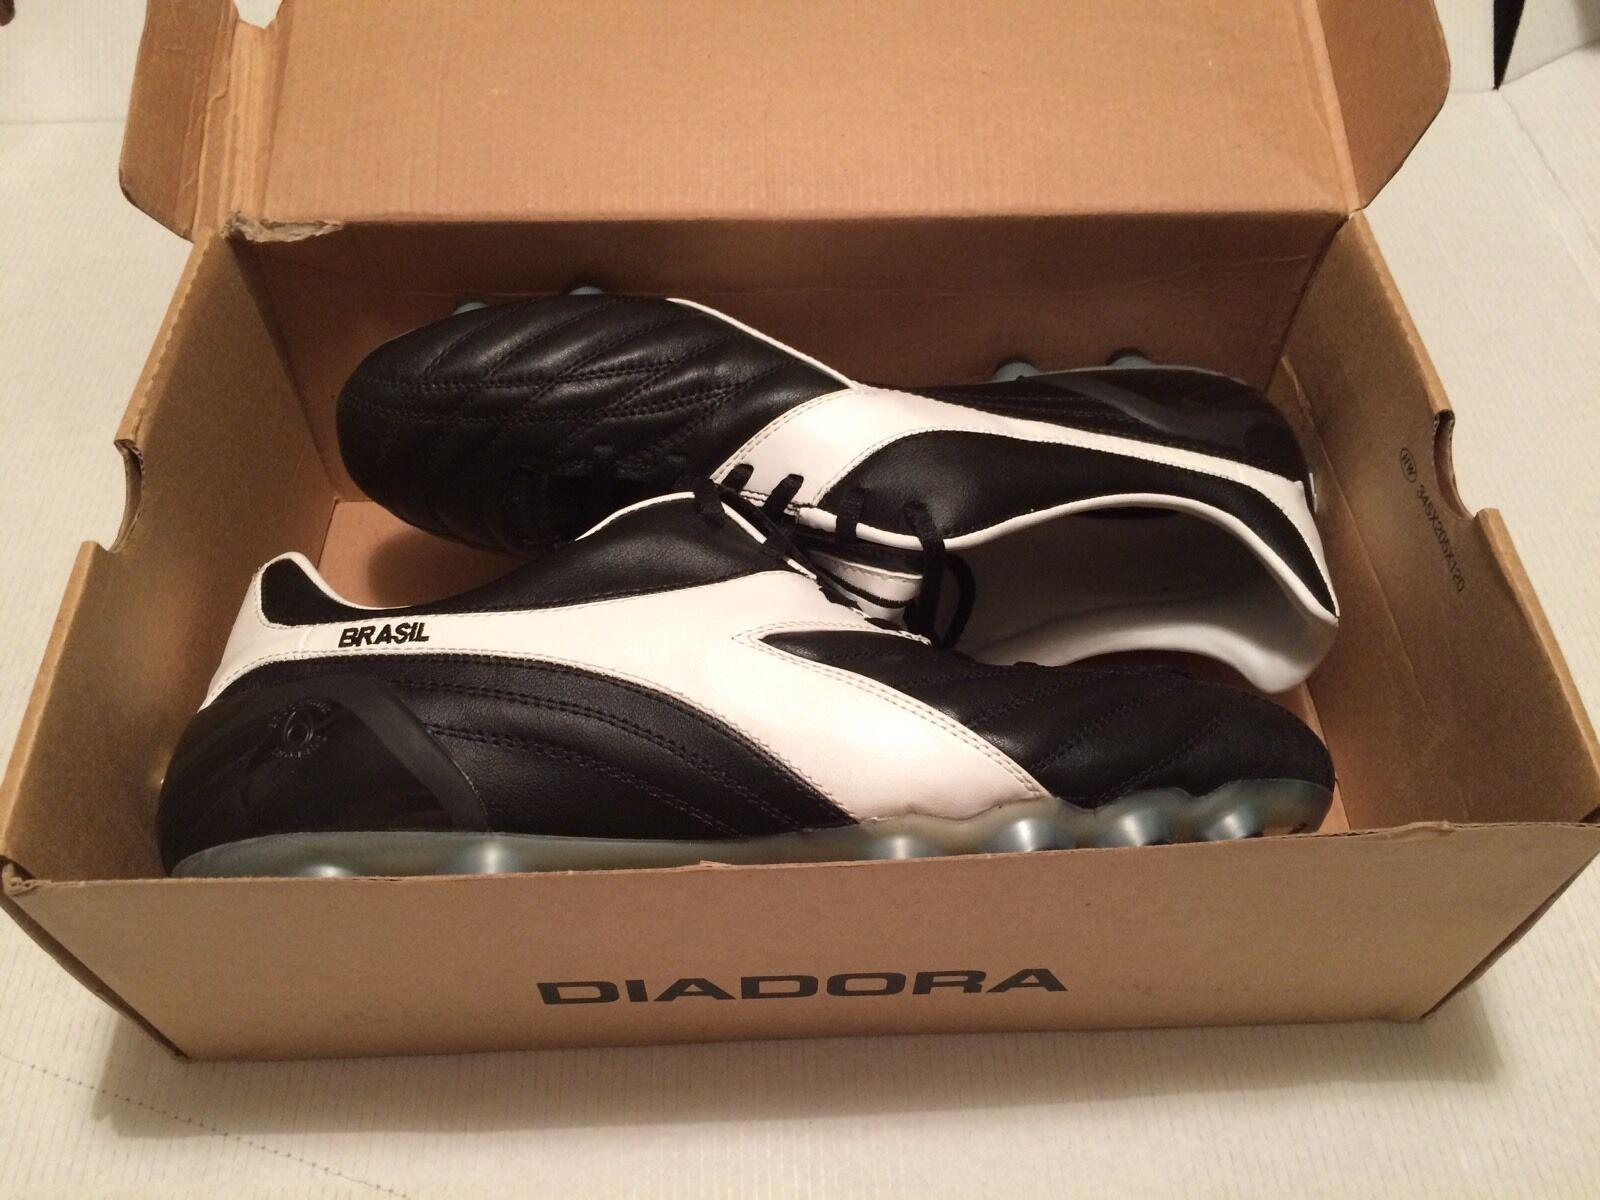 Diadora Brasil AX MD 2E Ancho Ajuste botas De Fútbol Con Tapones Fg Moldeado Reino Unido 11.5